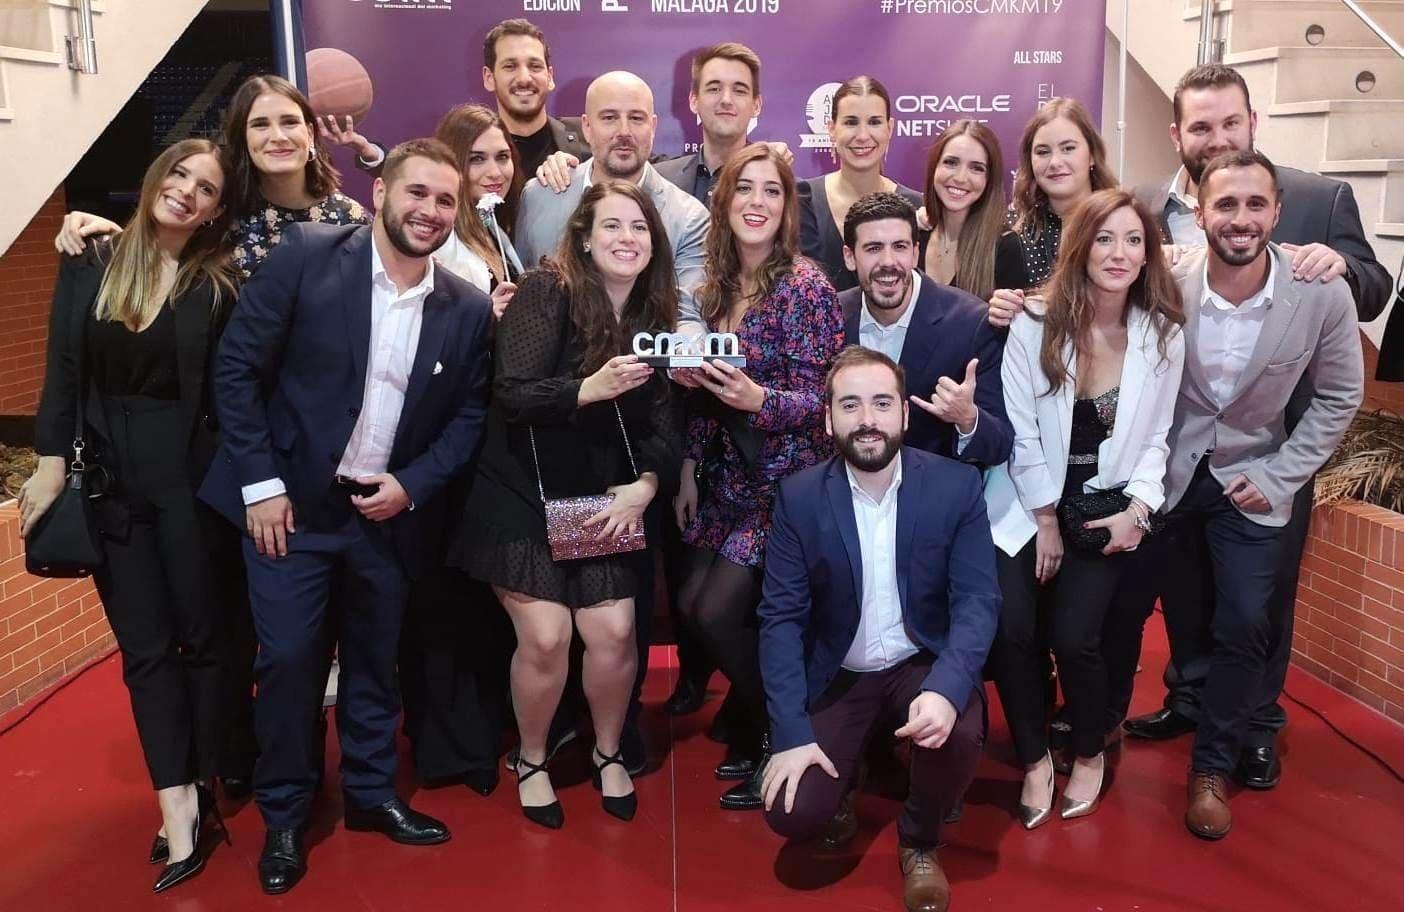 La Biznaga Digital, nuestra Agencia de Marketing Online, Premio Club de Marketing de Málaga 2019